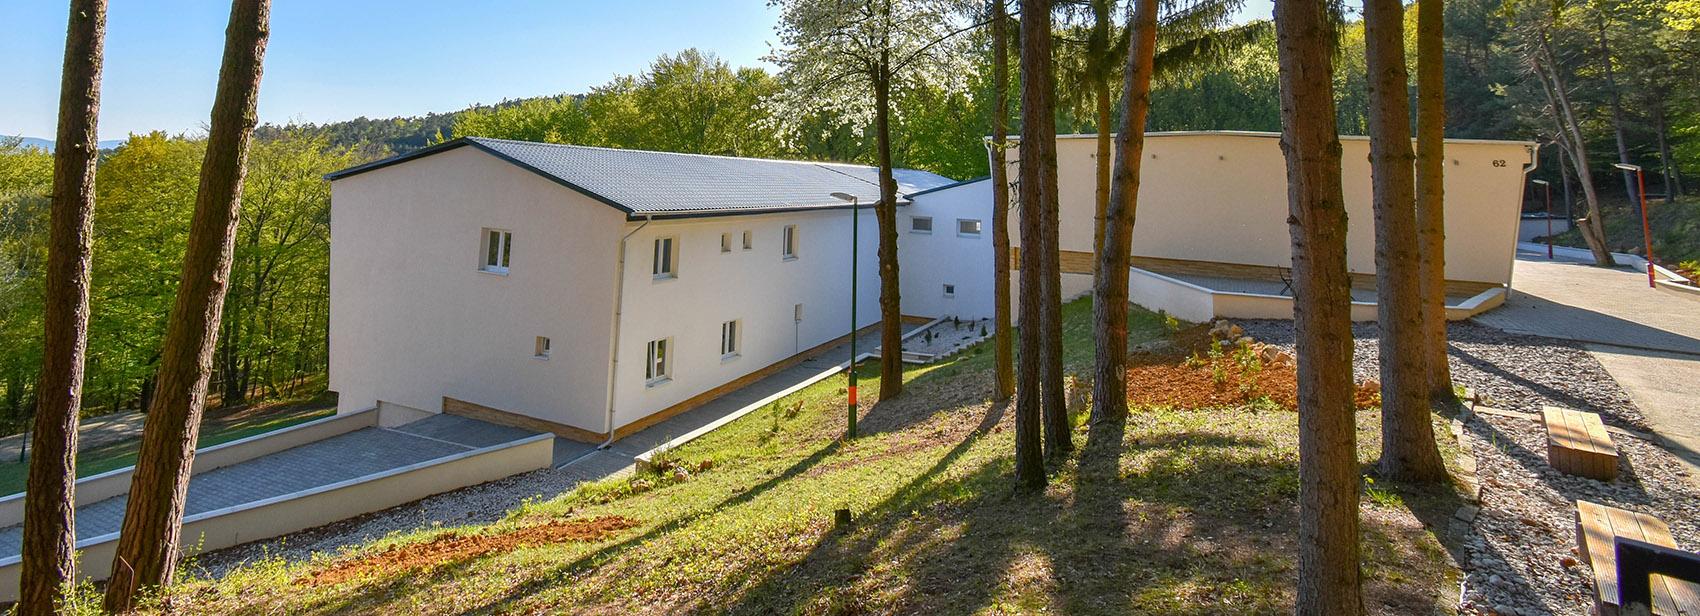 Rekreačné zariadenie ponúka pohodlné ubytovanie s kapacitou 114 lôžok